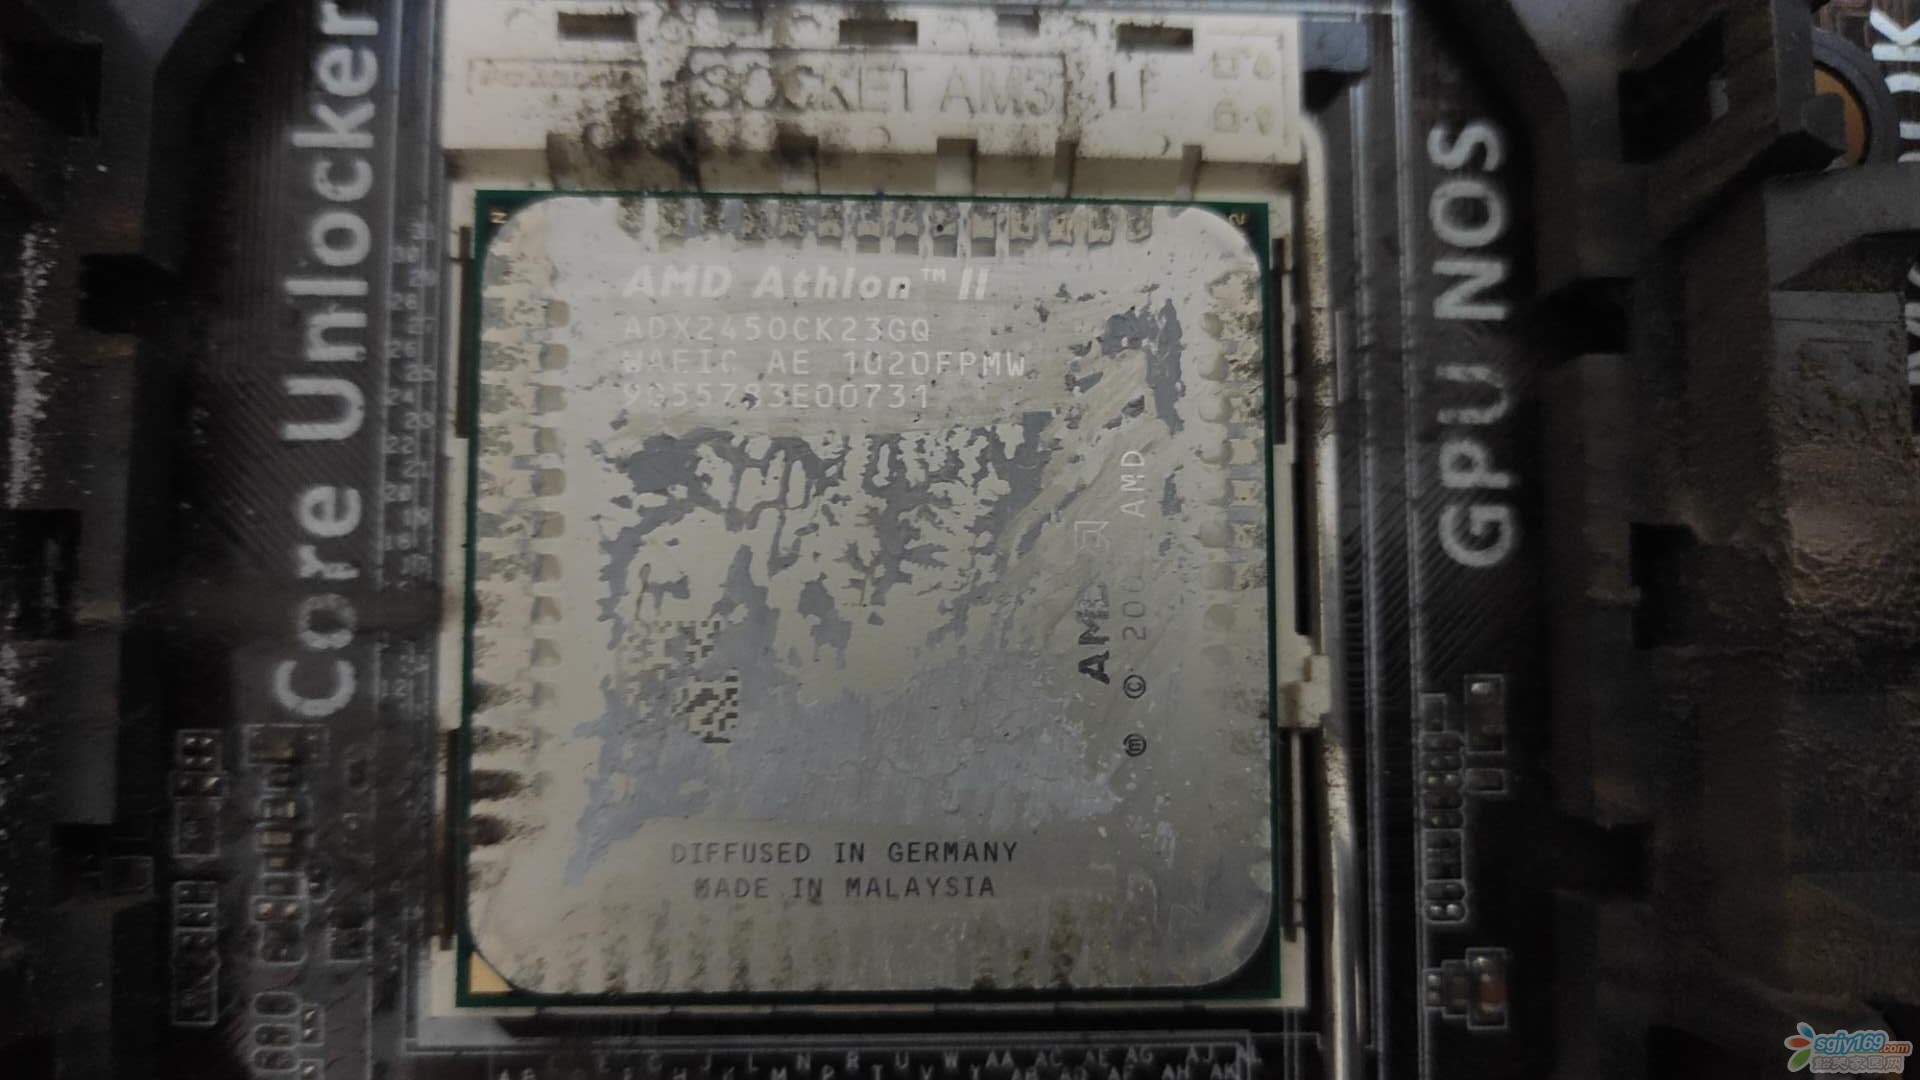 出售电脑升级剩下的配件 2CPU、2主板、3内存